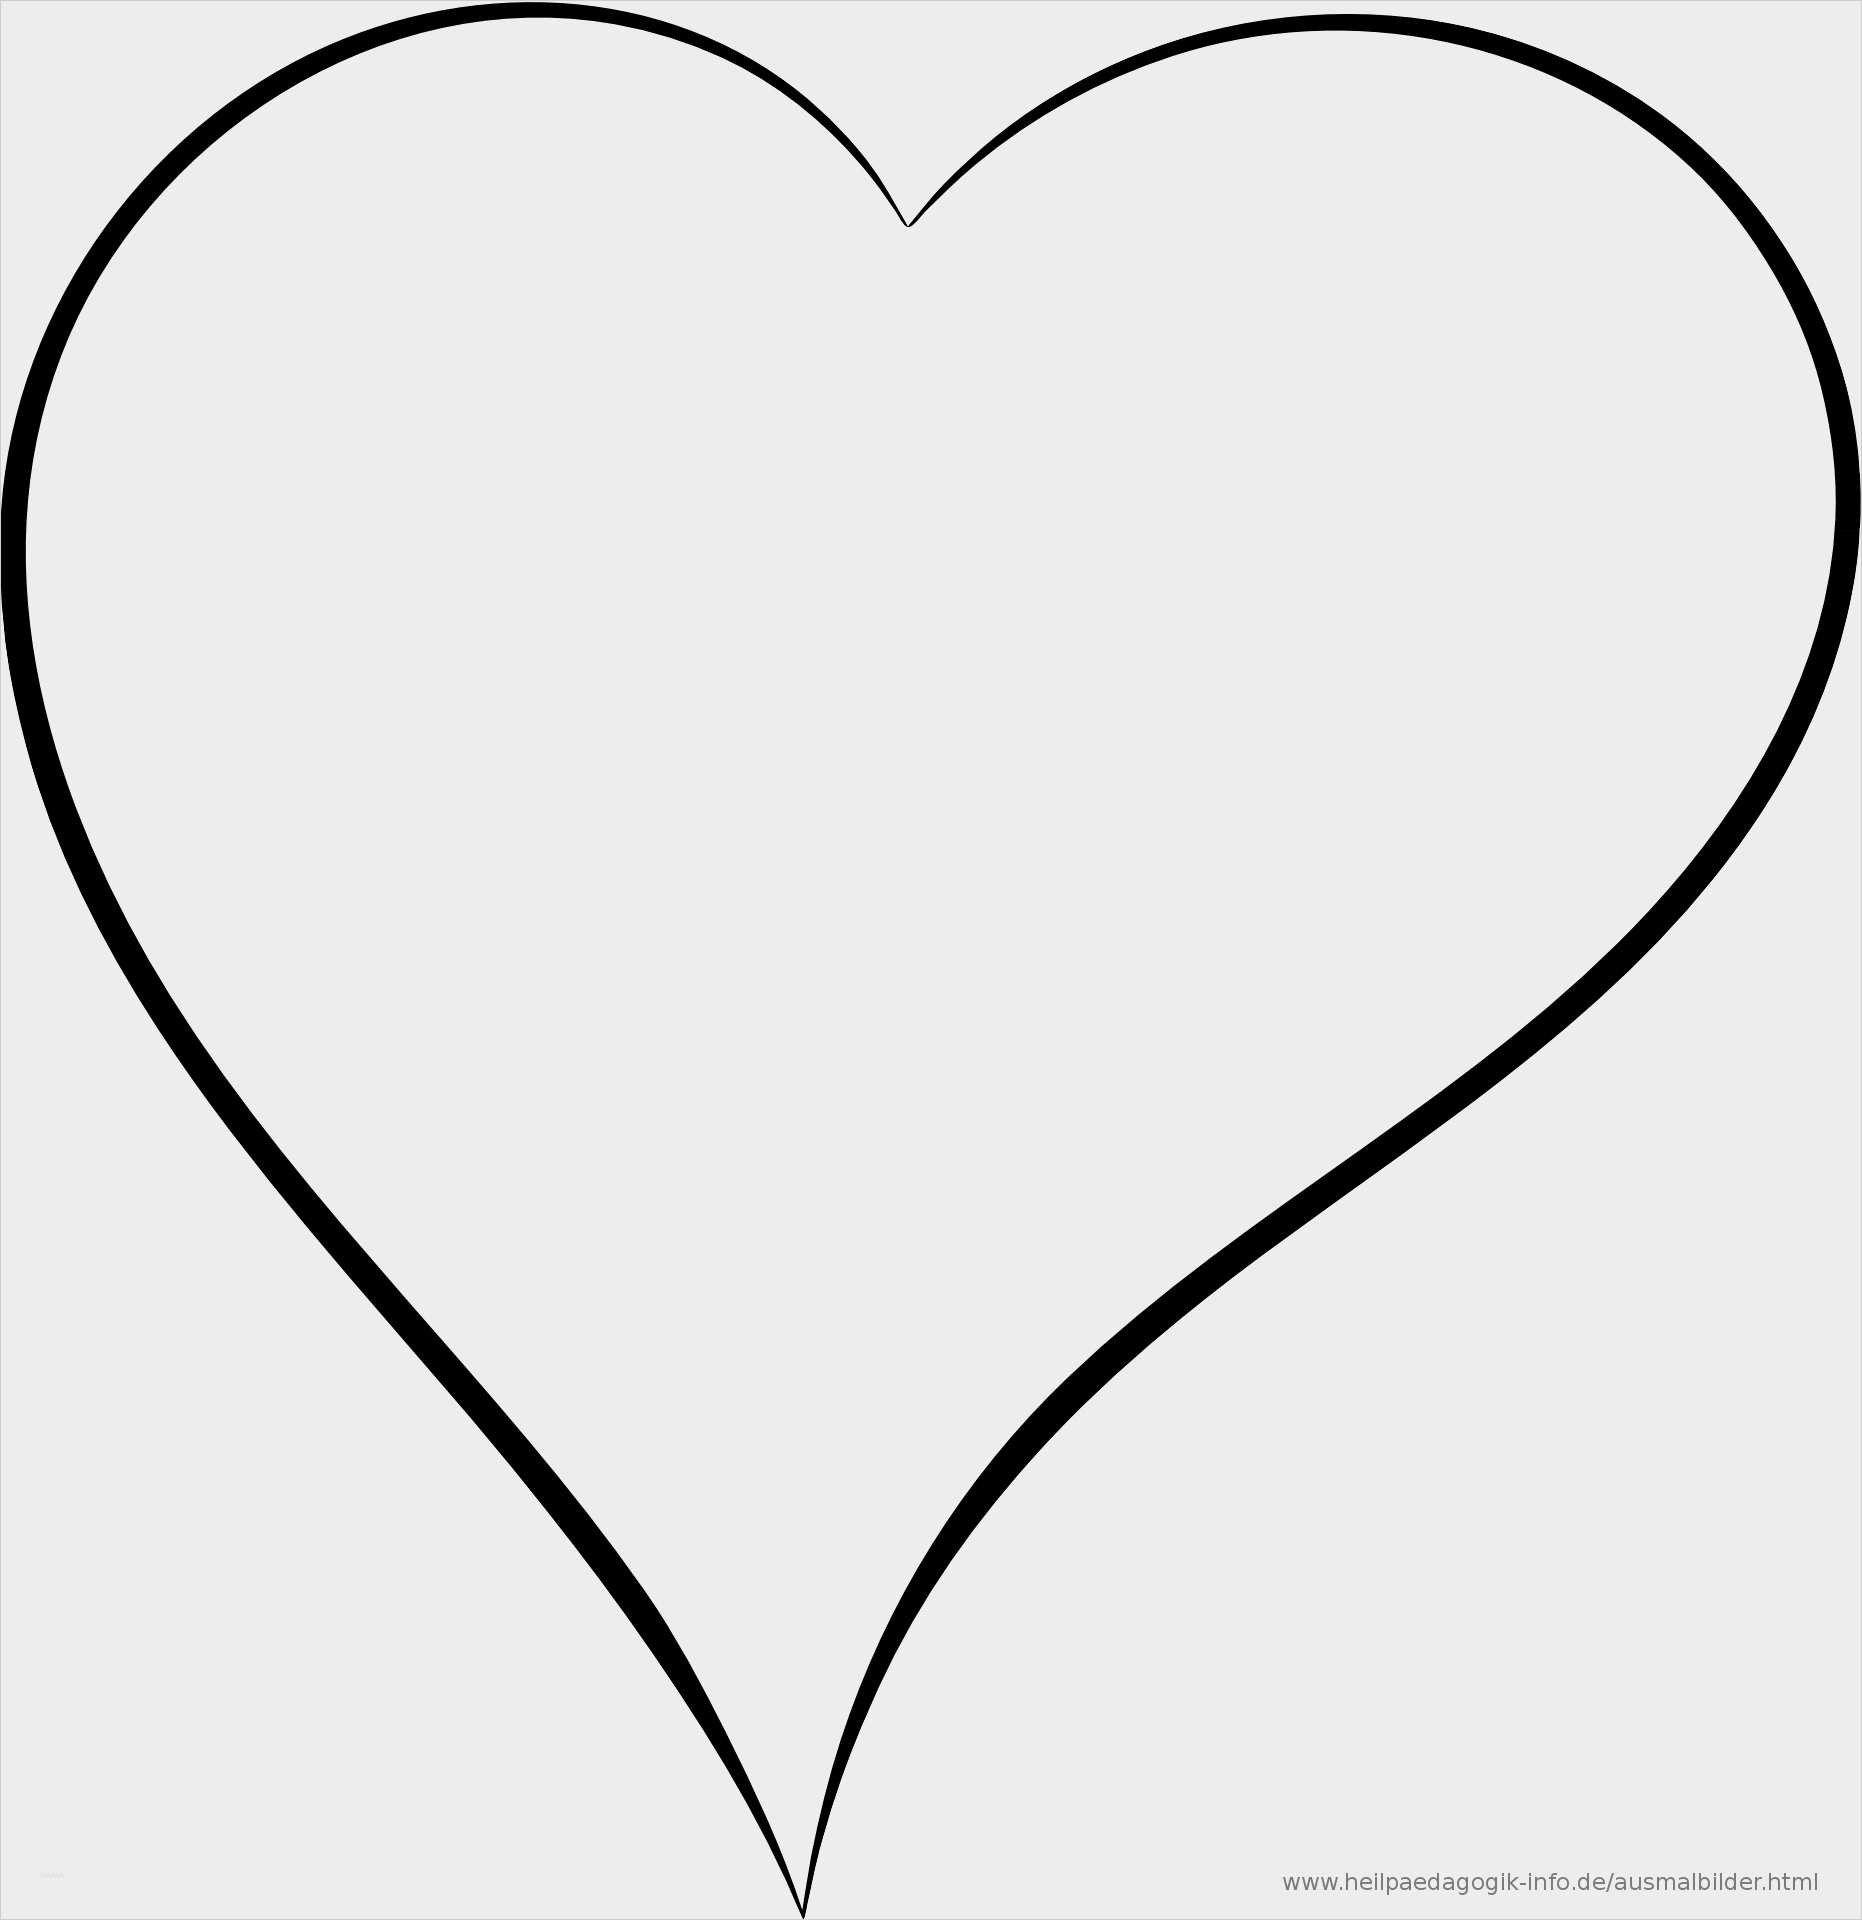 Unique Herz Vorlage Zum Ausdrucken Farbung Malvorlagen Malvorlagenfurkinder Herz Vorlage Herzschablone Vorlagen